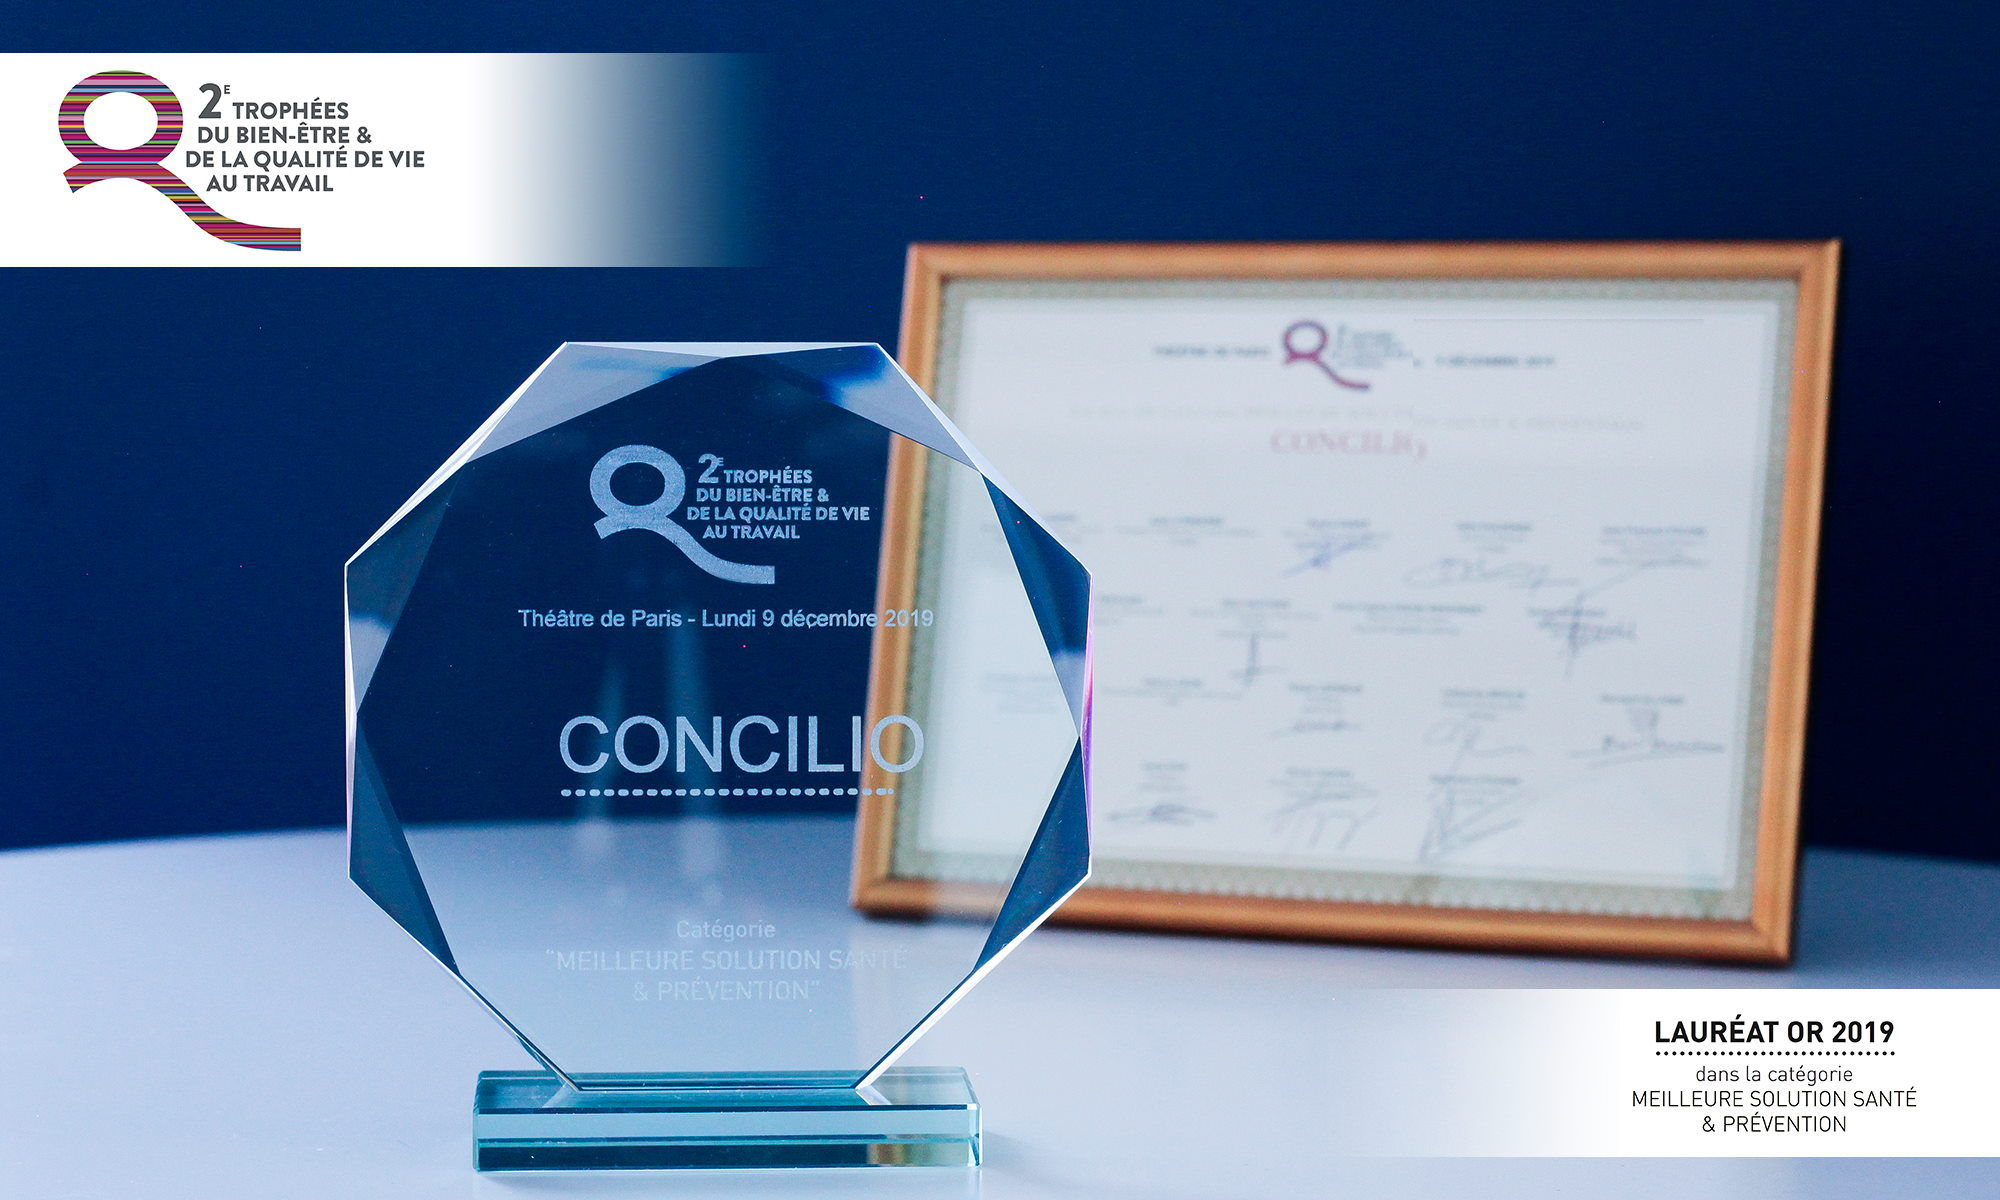 Concilio remporte la Médaille d'or catégorie meilleure solution santé et prévention aux Trophées Bien-être et QVT